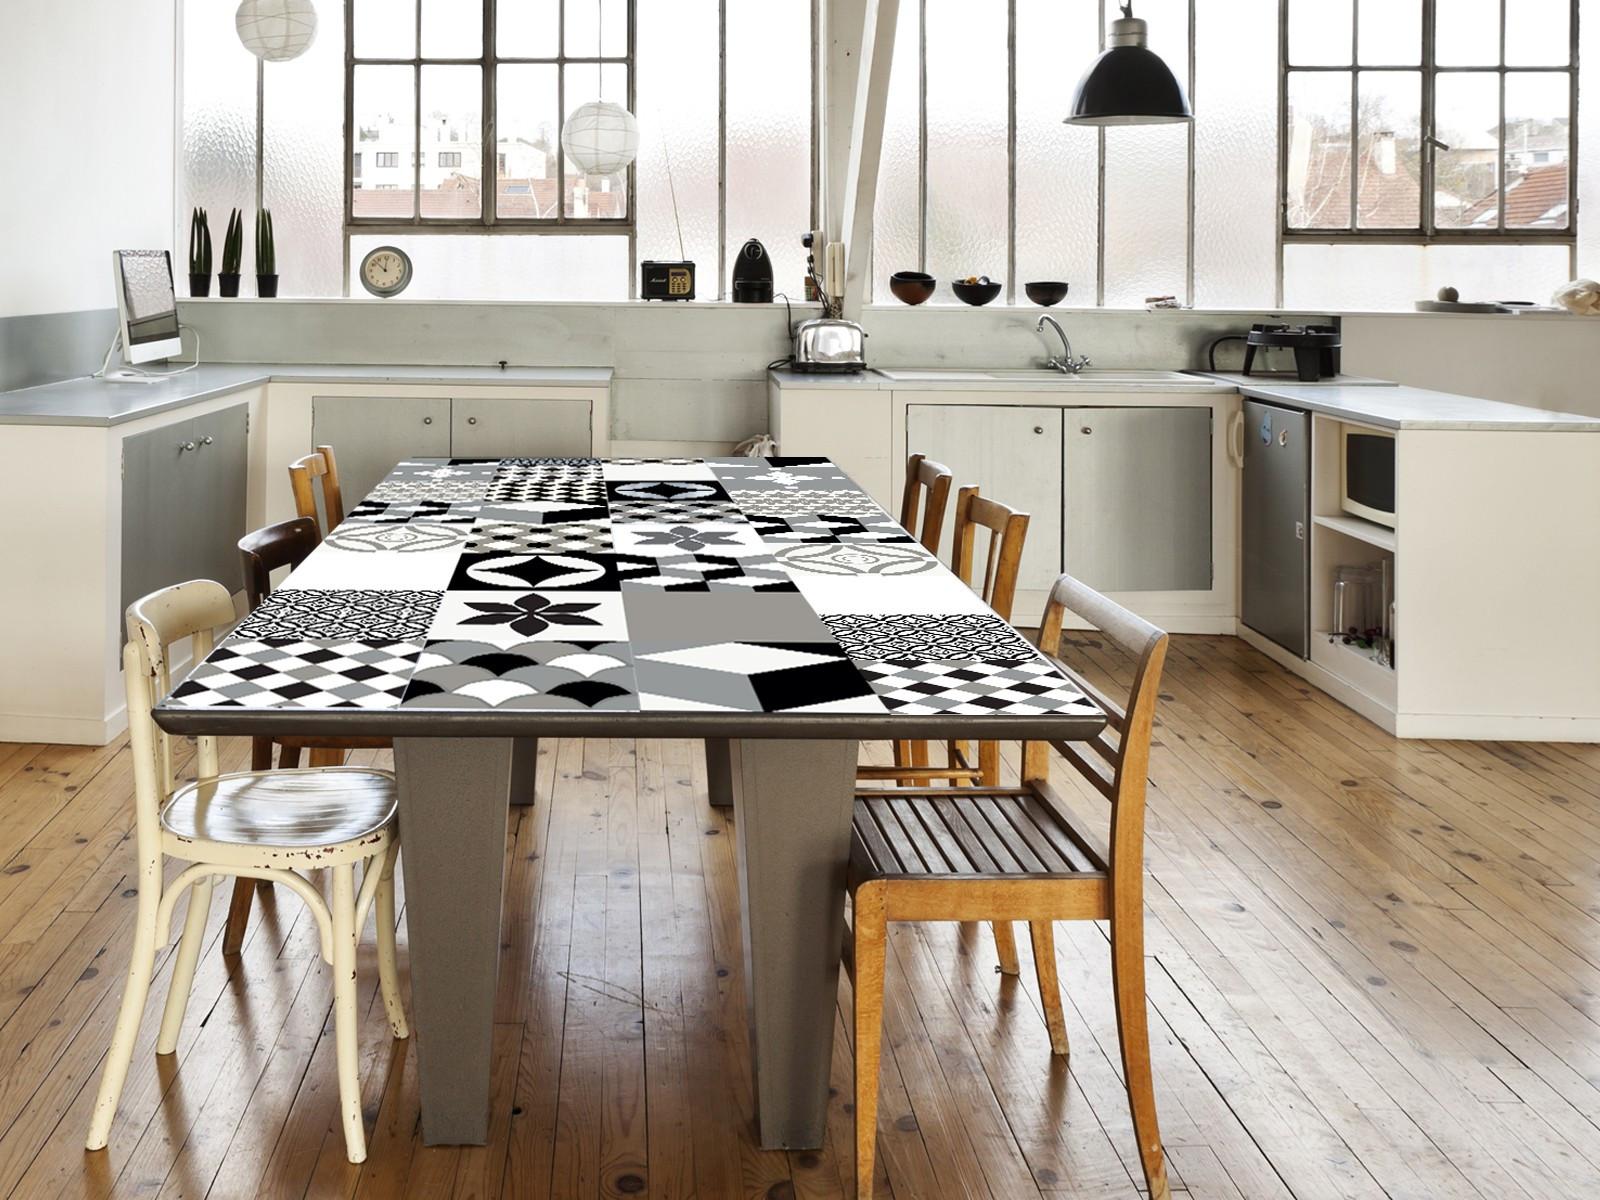 Cr dence adh sive carreaux de ciment manufacture - Carreaux adhesifs cuisine ...